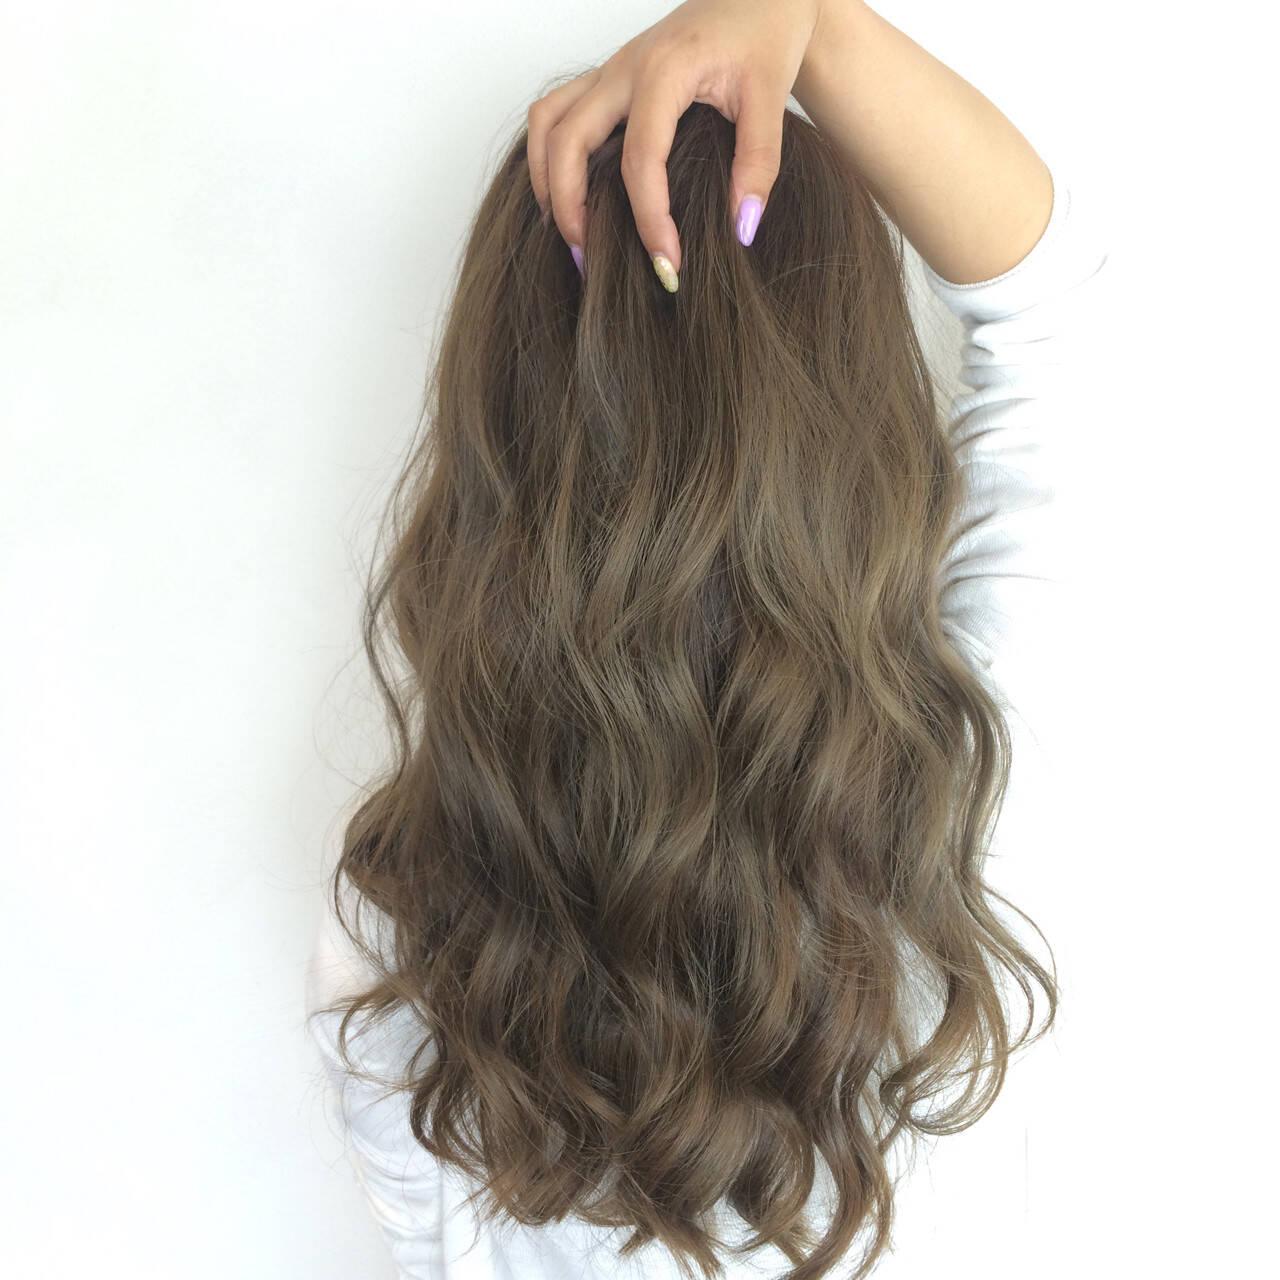 オリーブアッシュ ストリート アッシュ 大人かわいいヘアスタイルや髪型の写真・画像